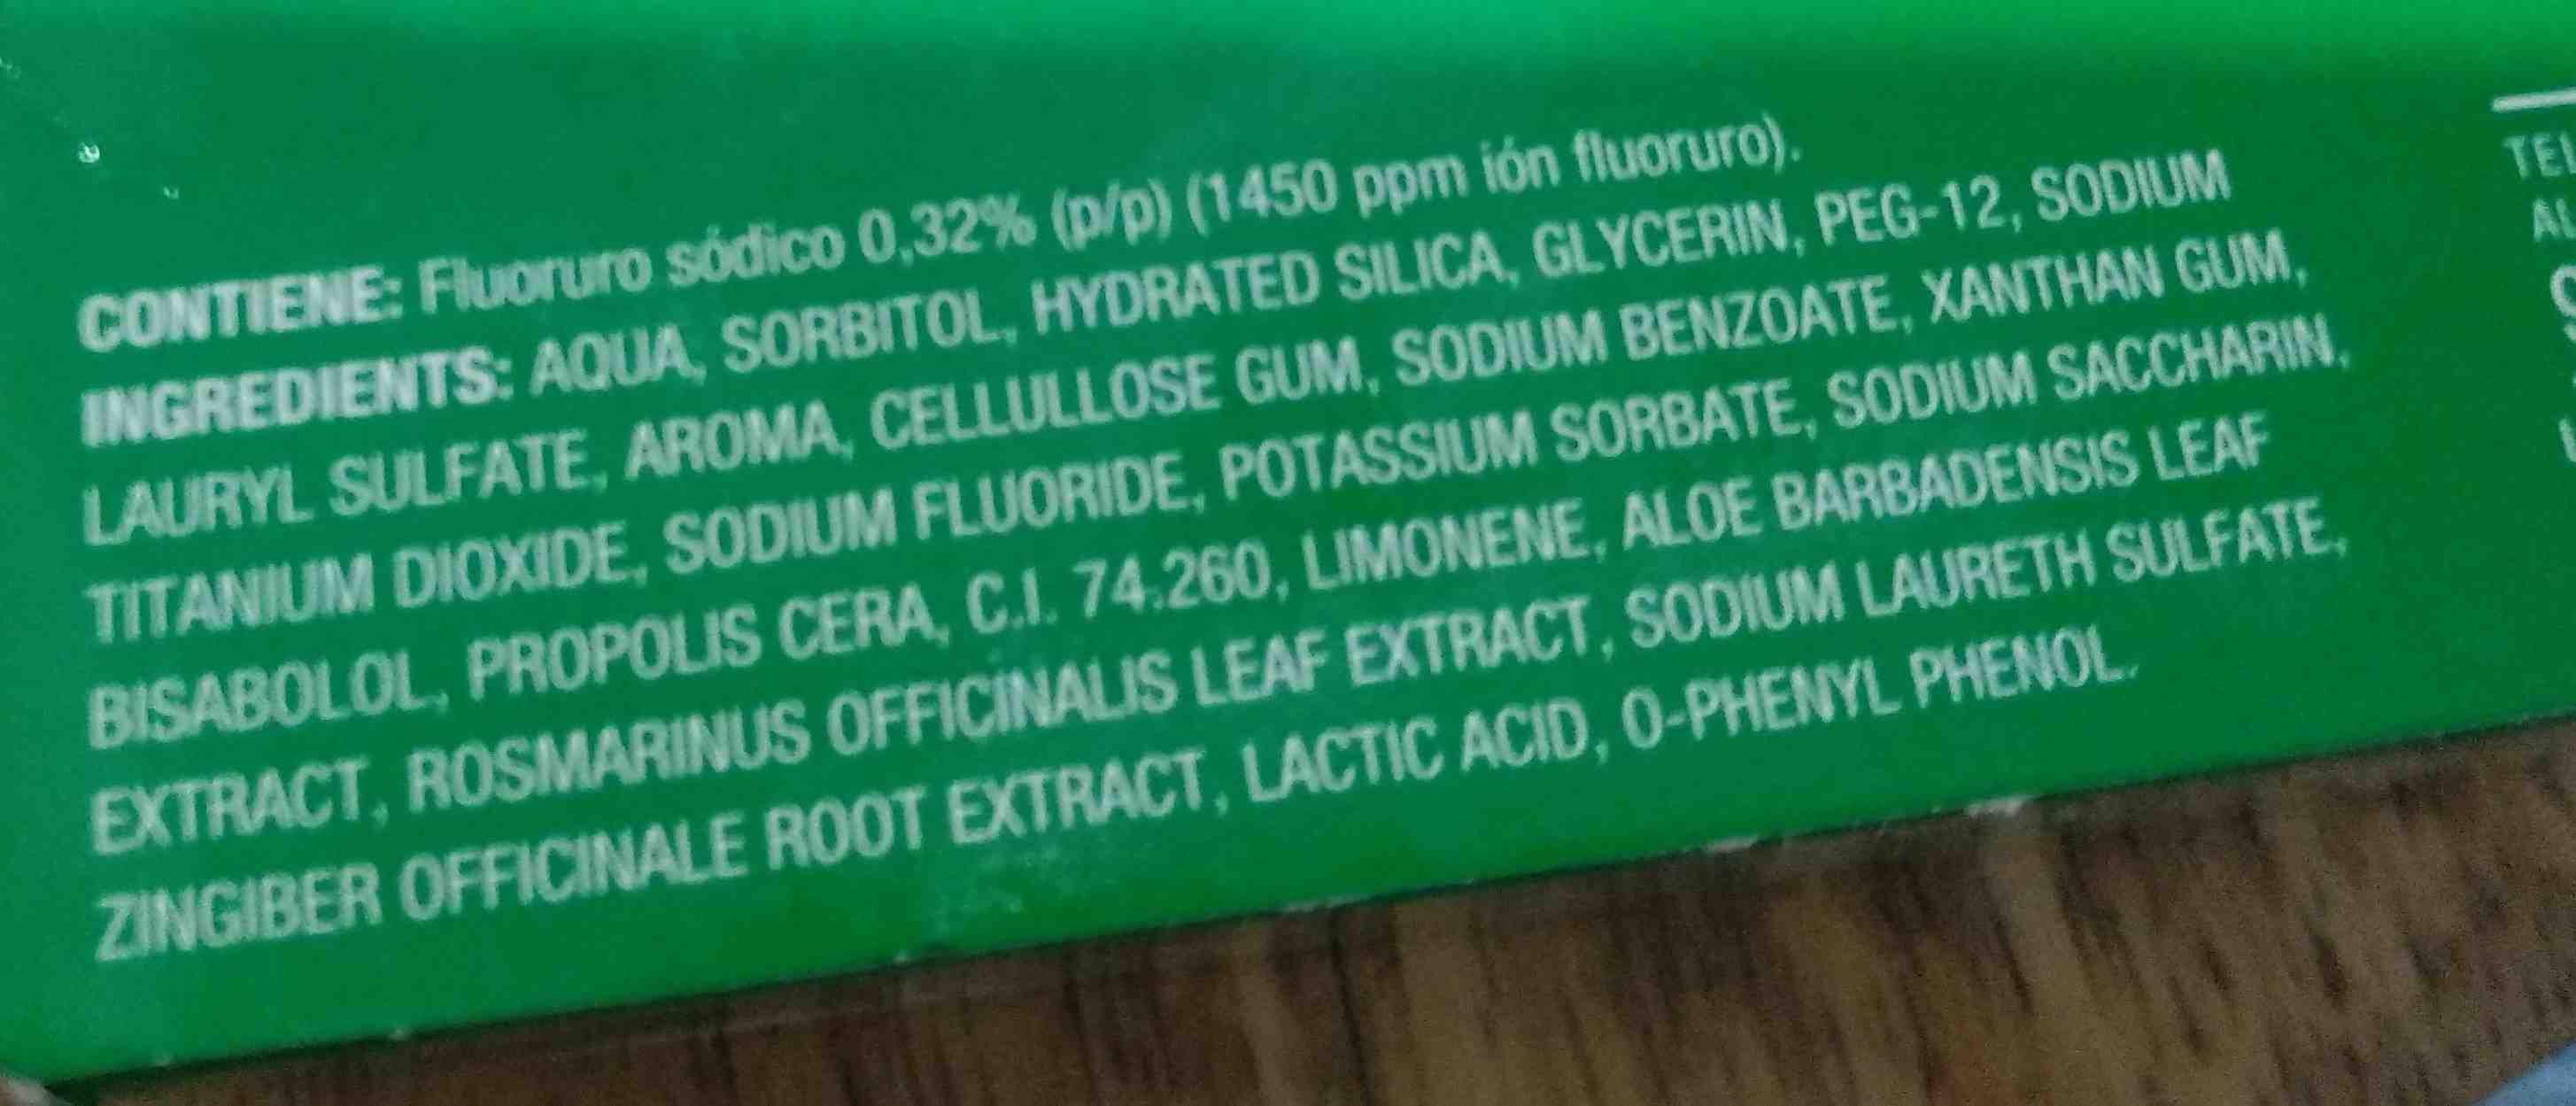 crema dental herbal aloe vera - Ingredients - en